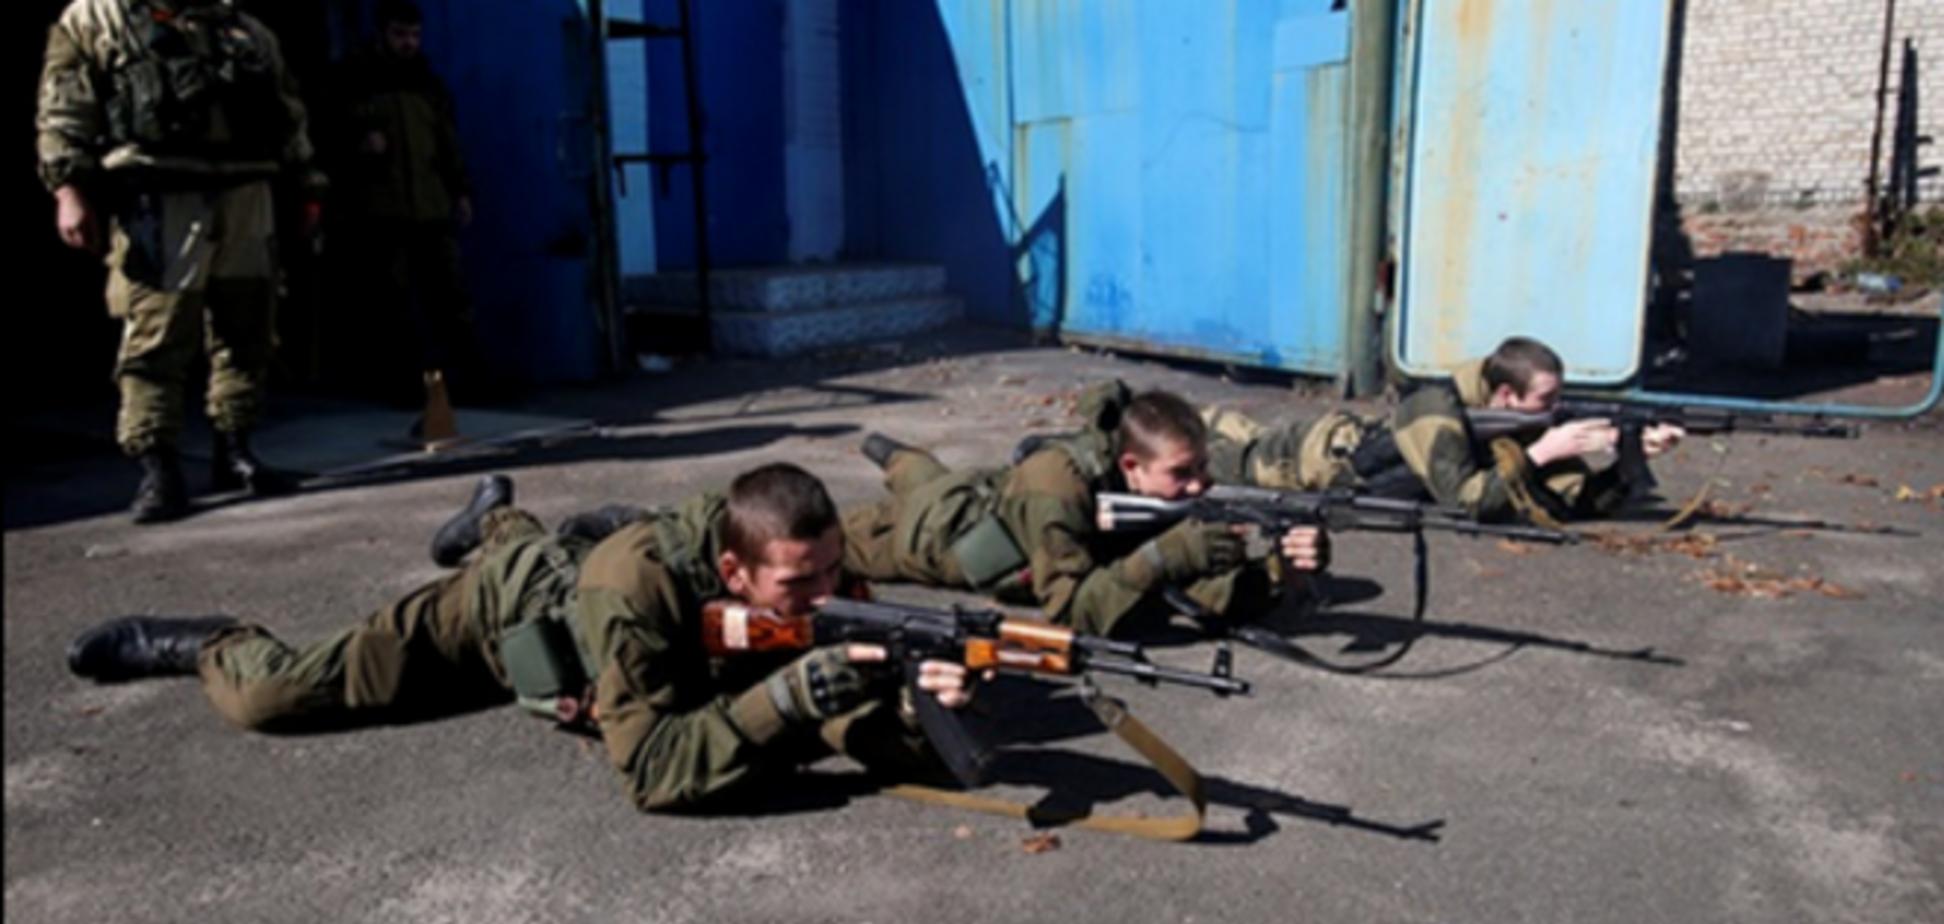 Фото тренировочного военного лагеря для детей 'ДНР' появились в сети